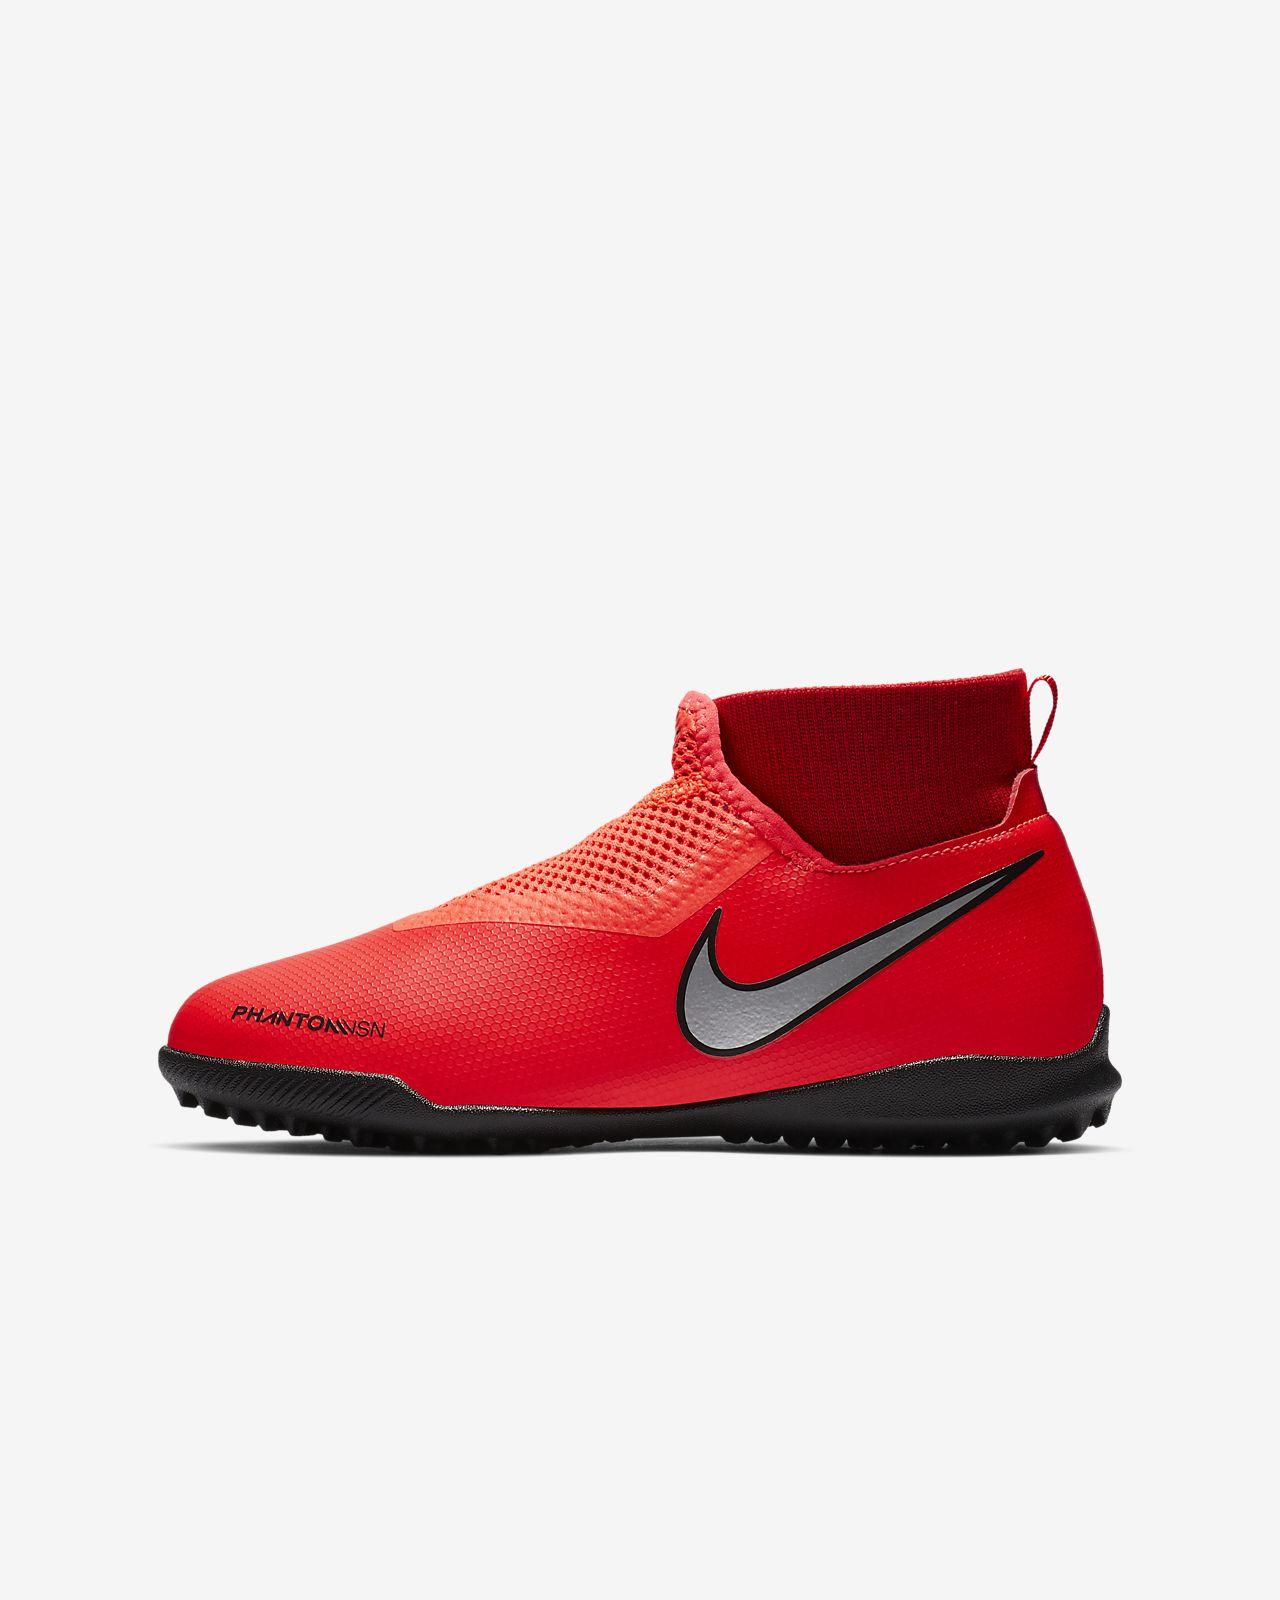 รองเท้าฟุตบอลเด็กเล็ก/โตสำหรับพื้นสนามหญ้าเทียม Nike Jr. Phantom Vision Academy Dynamic Fit